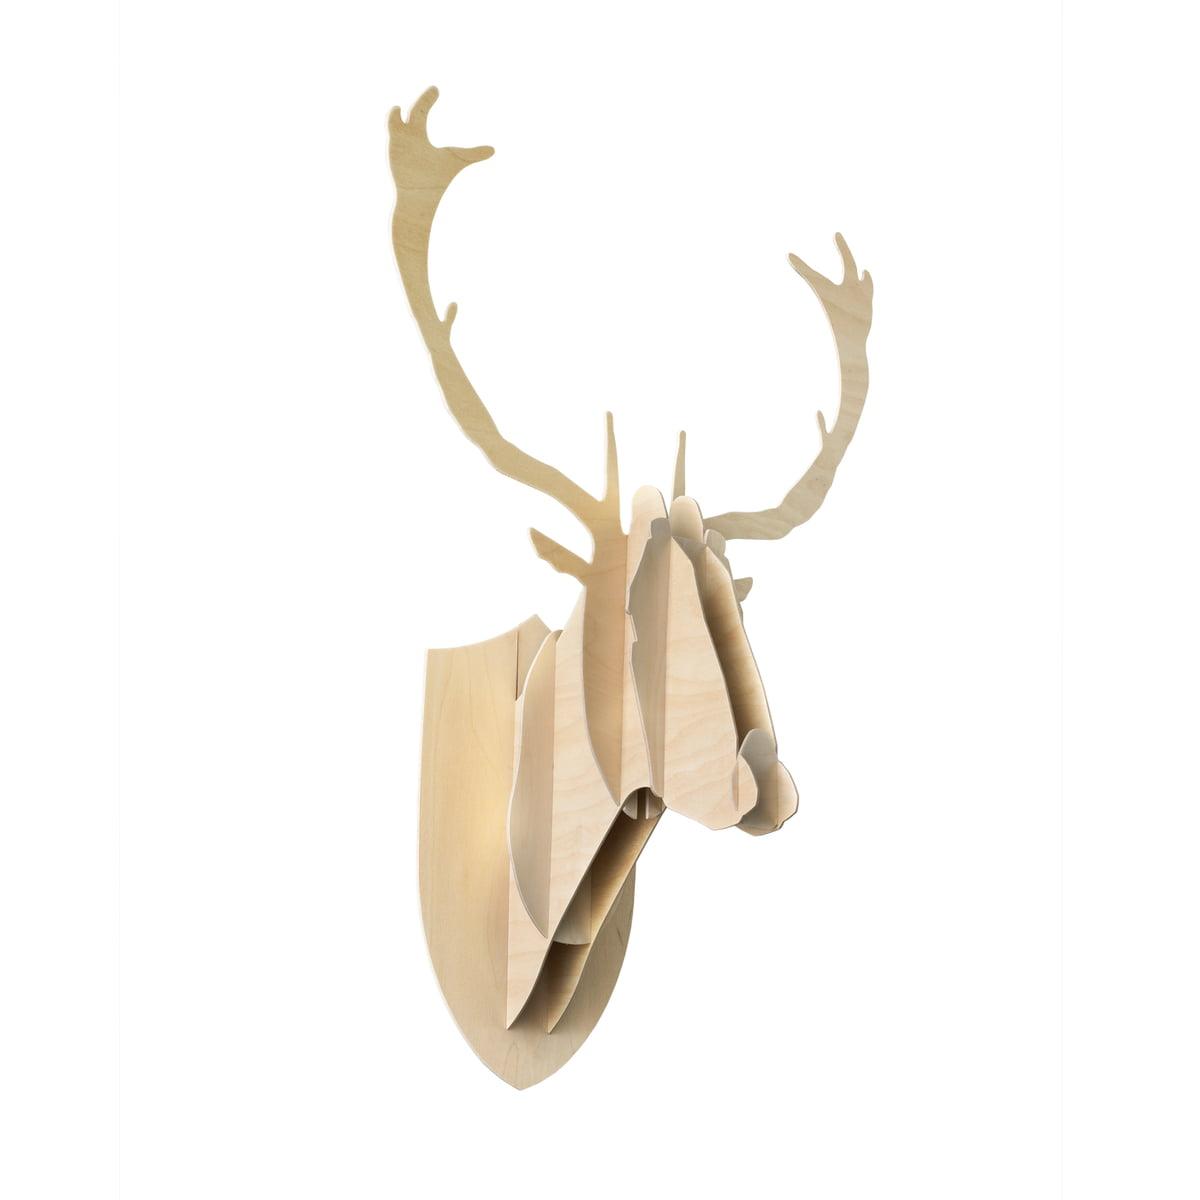 Moustache - Trophée Deer, contreplaqué de bouleau